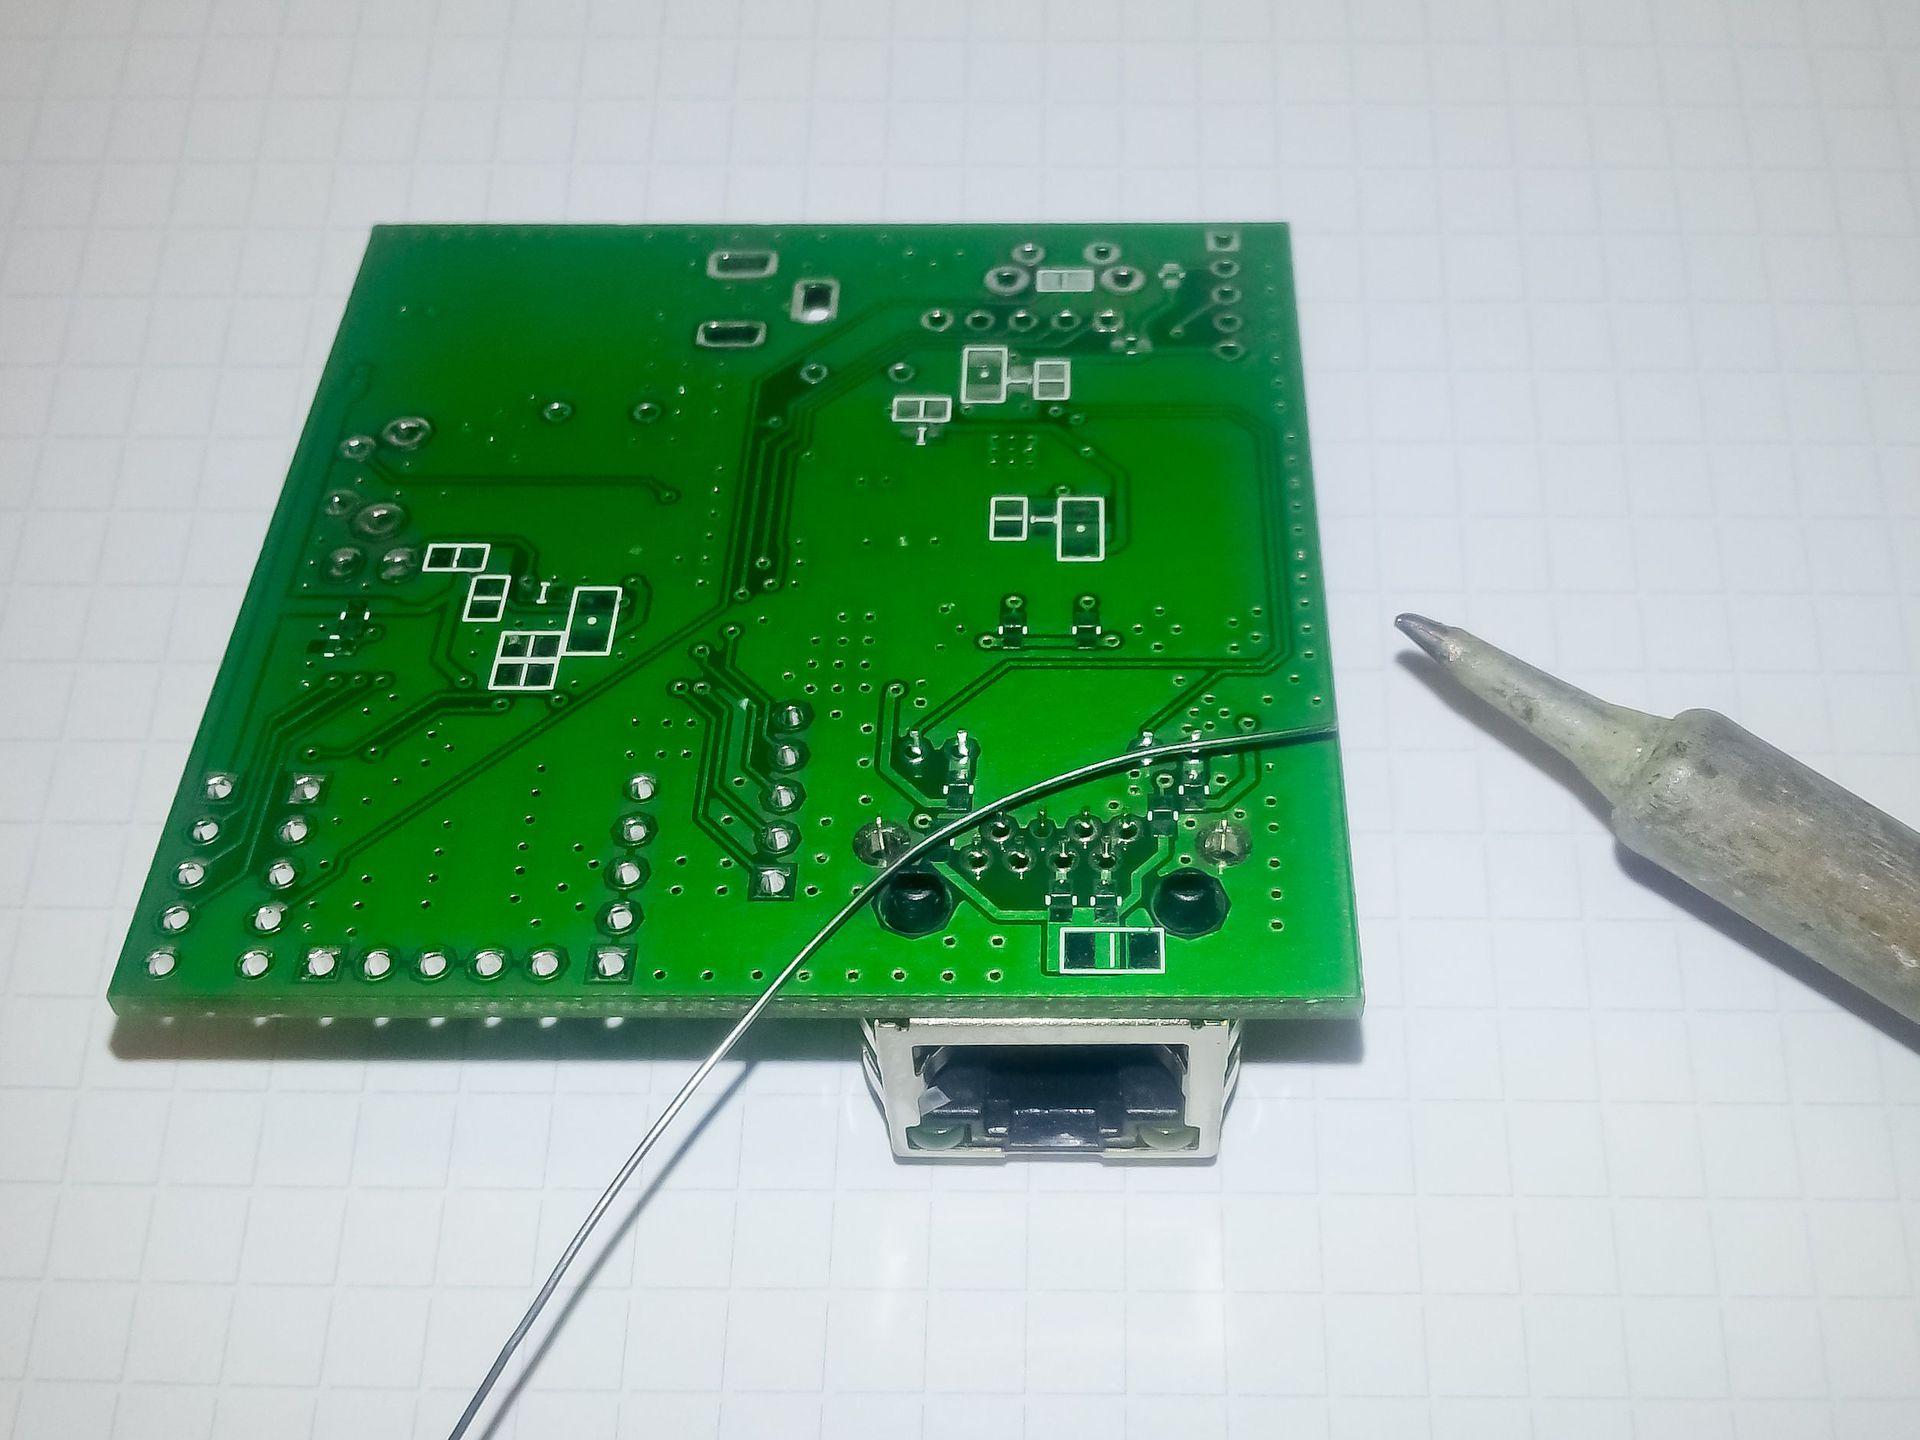 Ручной монтаж сложных плат на компонентах 0402, 0603, QFN, LQFP и THT - 15